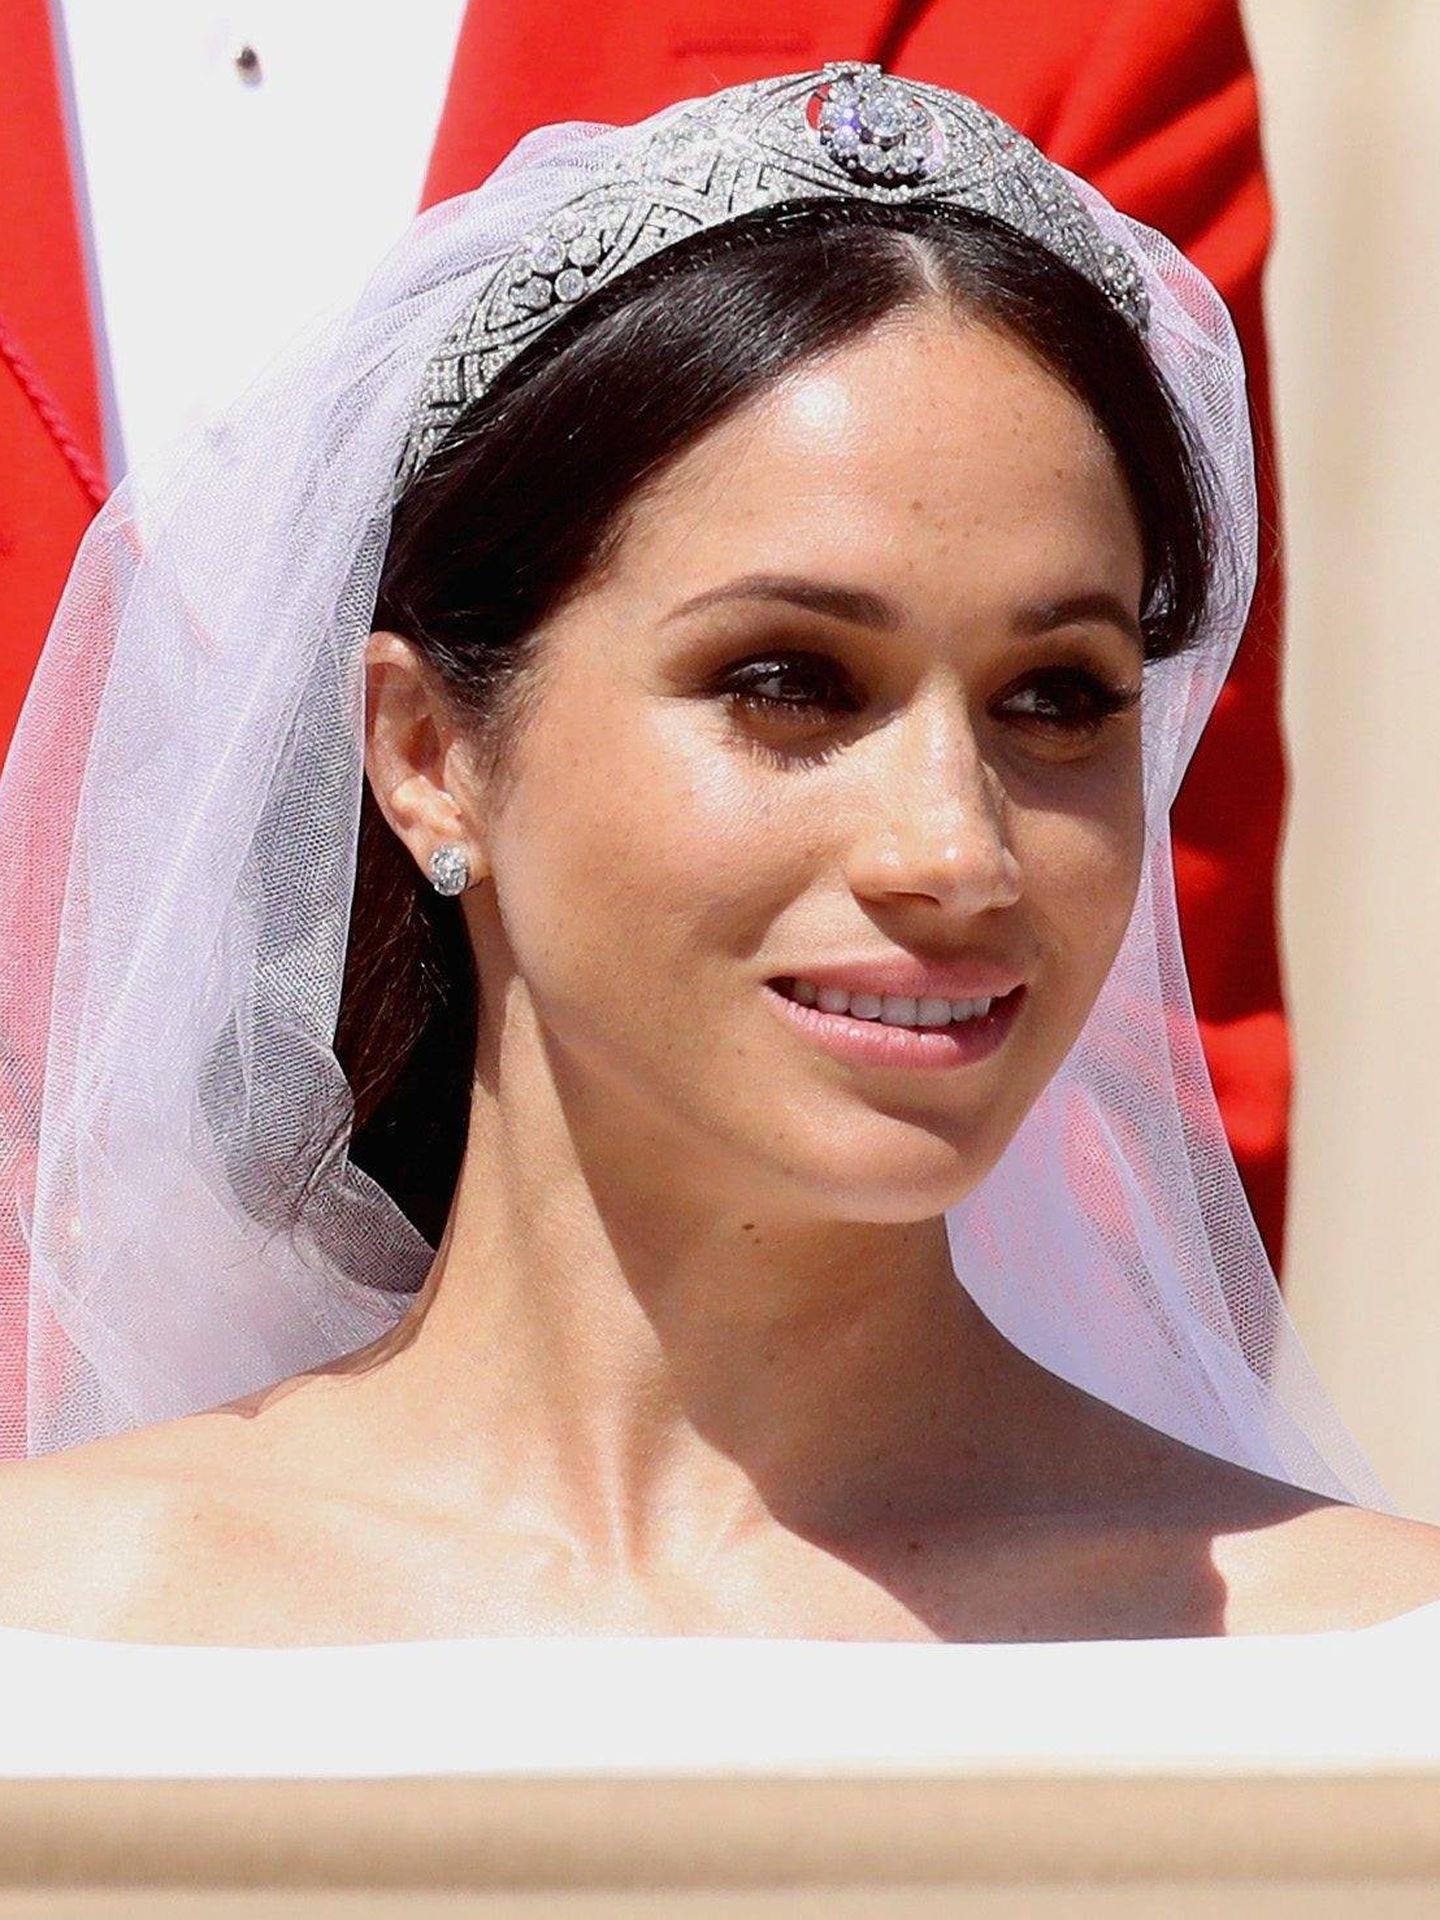 En la boda, Meghan lució unas pestañas muy trabajadas. (Cordon Press)